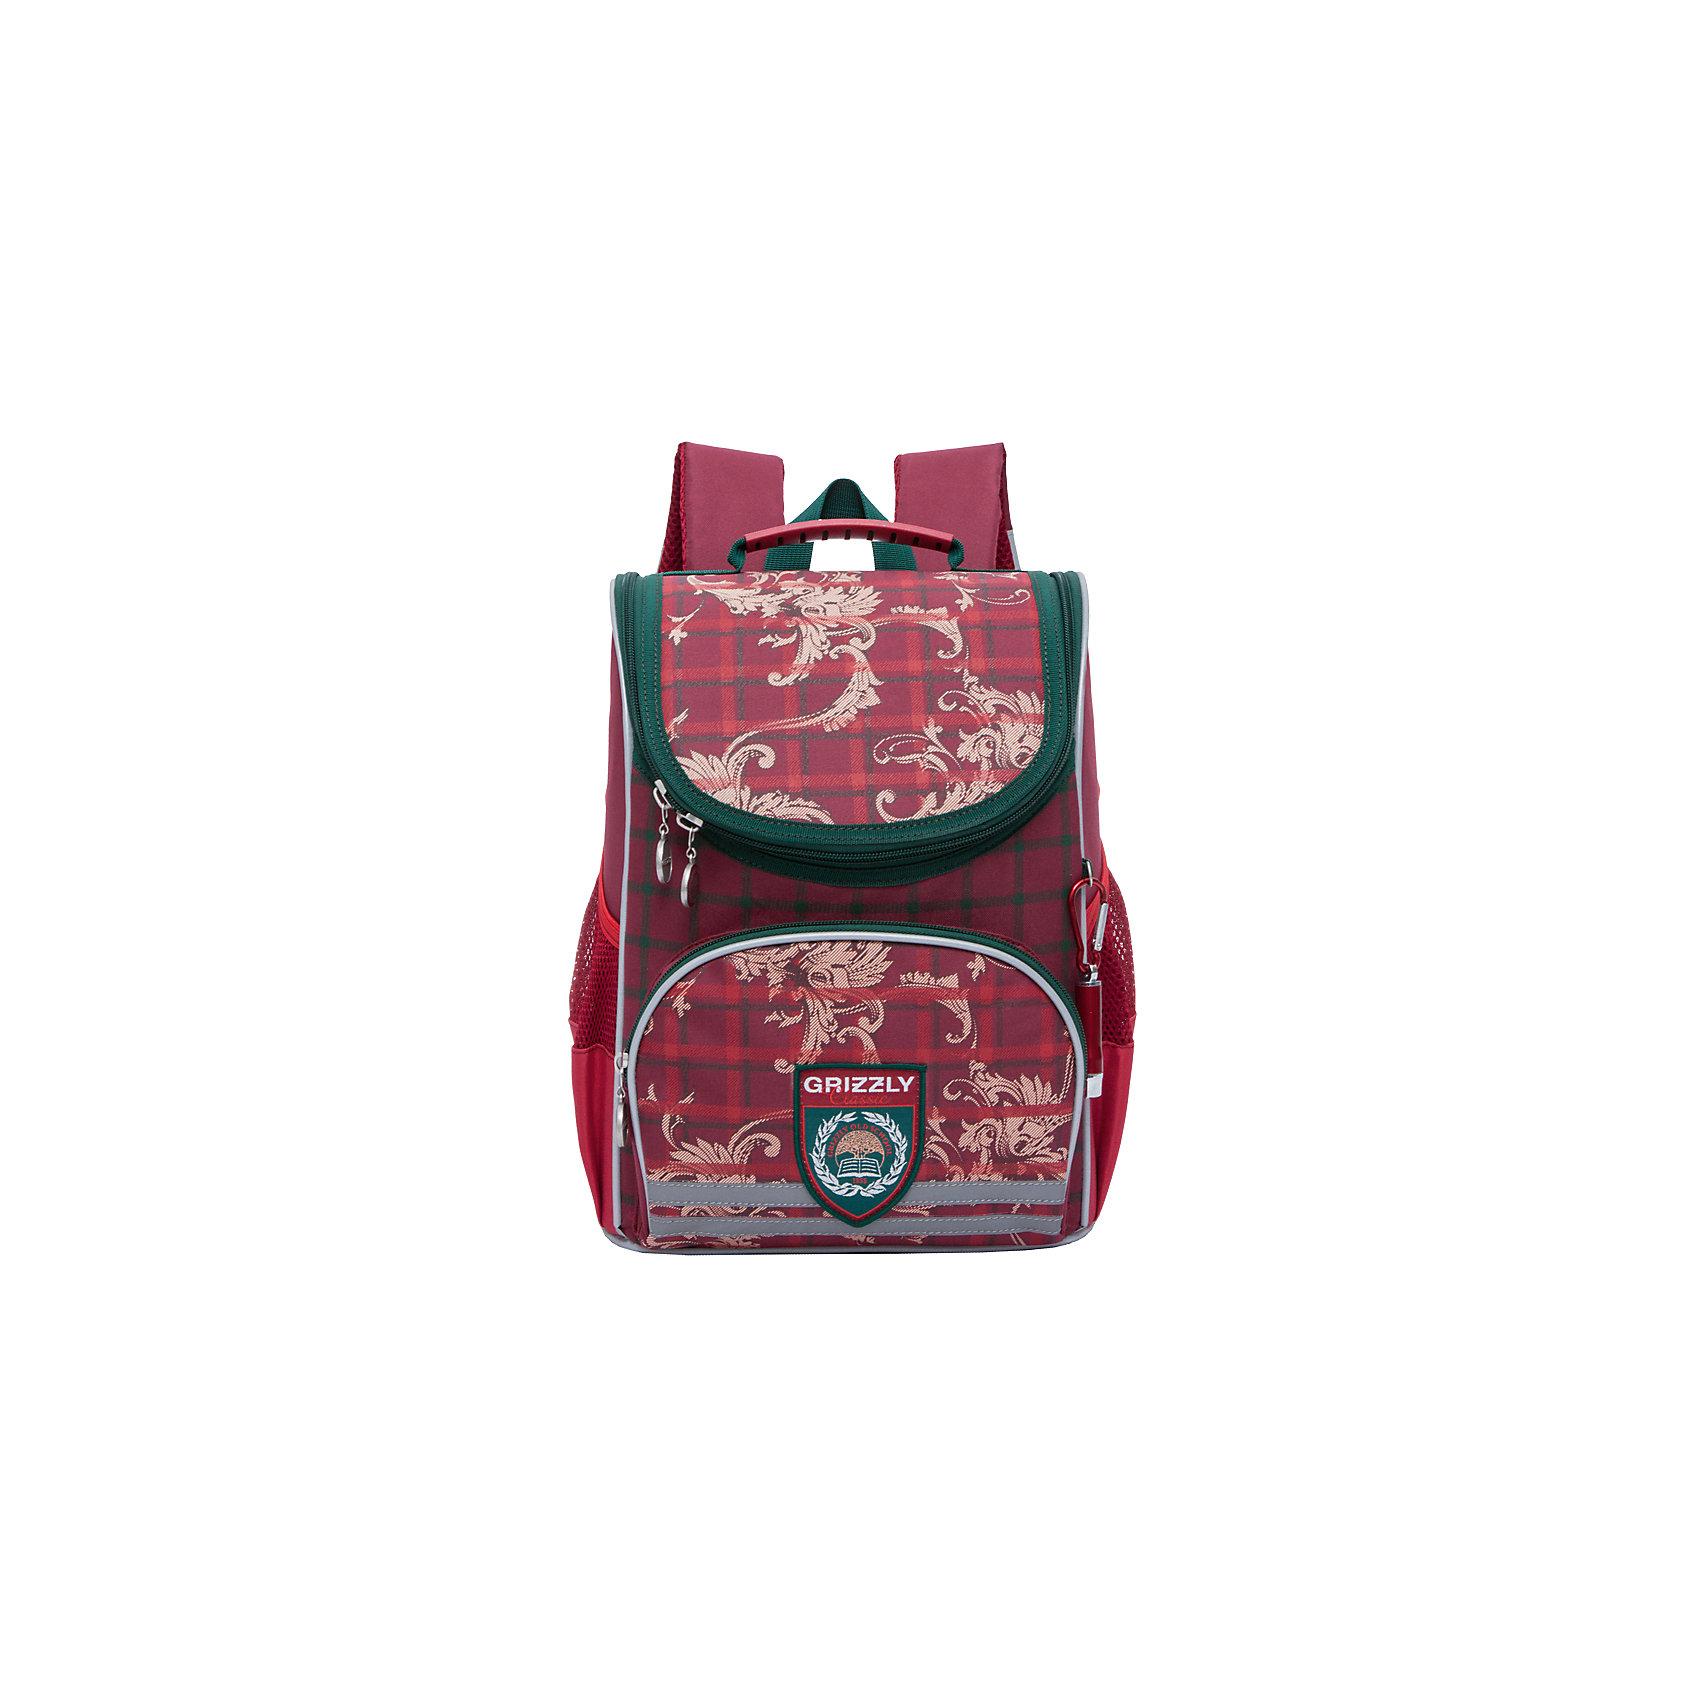 Рюкзак школьный Grizzly 1 отделениеРюкзаки<br>Рюкзак школьный, одно отделение, объемный карман на молнии на передней стенке, боковые карманы из сетки, откидное жесткое дно, разделительная перегородка-органайзер, укрепленная спинка, дополнительная ручка-петля, укрепленные лямки, брелок-катафот, светоотражающие элементы с четырех сторон.<br>Вес, г: 730<br>Размер, см: 25х33х13<br>Состав: Полиэстр<br>Наличие светоотражающих элементов:  да<br>Материал: Полиэстр<br>Спина:  жесткая<br>Наличие дополнительных карманов внутри:  нет<br>Дно выбрать:  жесткое<br>Количество отделений внутри:  1<br>Боковые карманы: да<br>Замок:  Молния<br>Вмещает А4:  да<br><br>Ширина мм: 250<br>Глубина мм: 130<br>Высота мм: 330<br>Вес г: 693<br>Возраст от месяцев: 72<br>Возраст до месяцев: 120<br>Пол: Женский<br>Возраст: Детский<br>SKU: 6727504